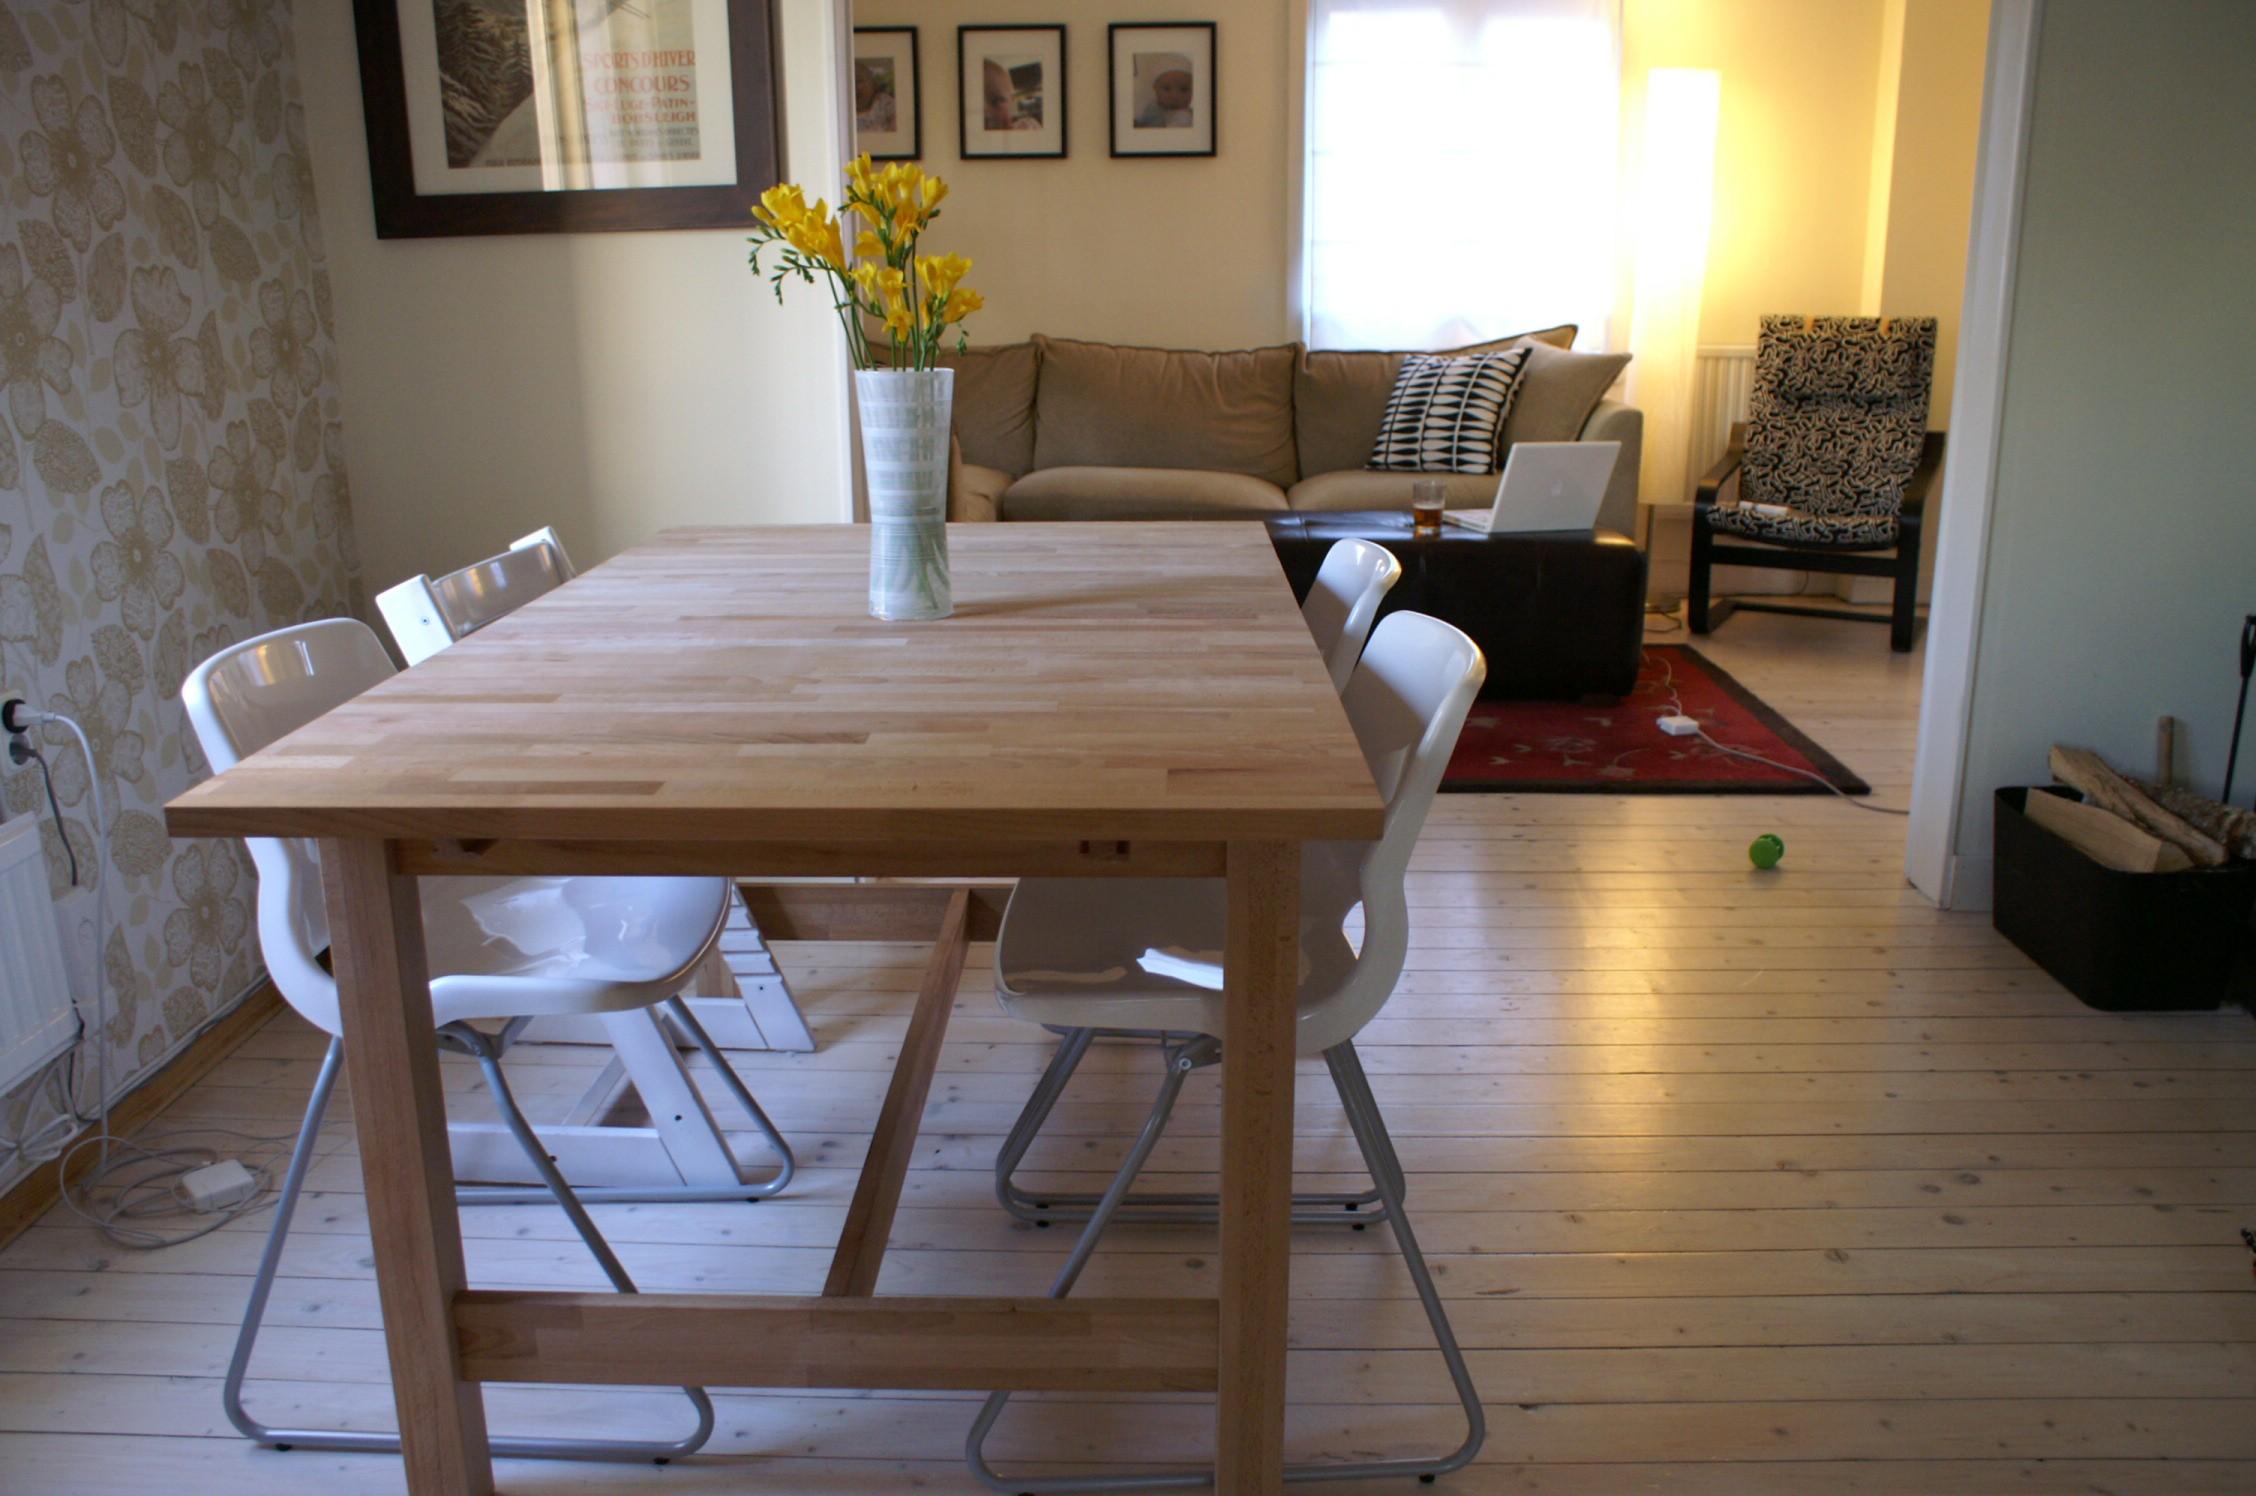 simple-design-ideer-of-ikea-spisestue-sæt-med-brun-træ-bord-og-hvid-gloss-acryl-stole-med-metal-ben-som-godt-som-spisning-stole-and desk-stole-ikea